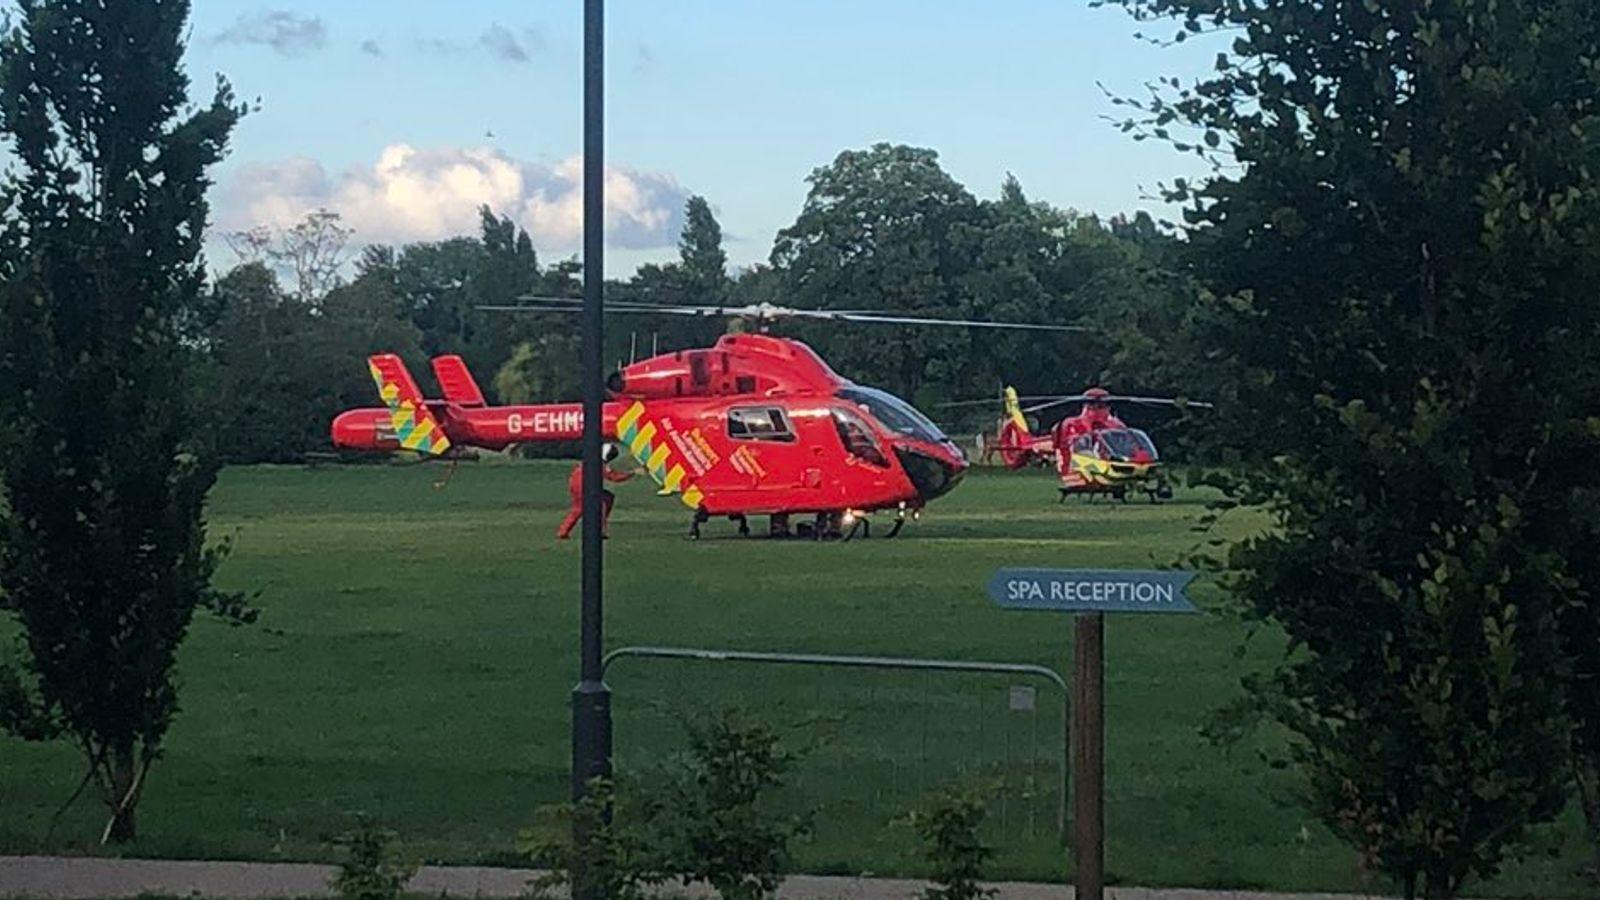 Потерпілих доставили до лікарні гелікоптерами